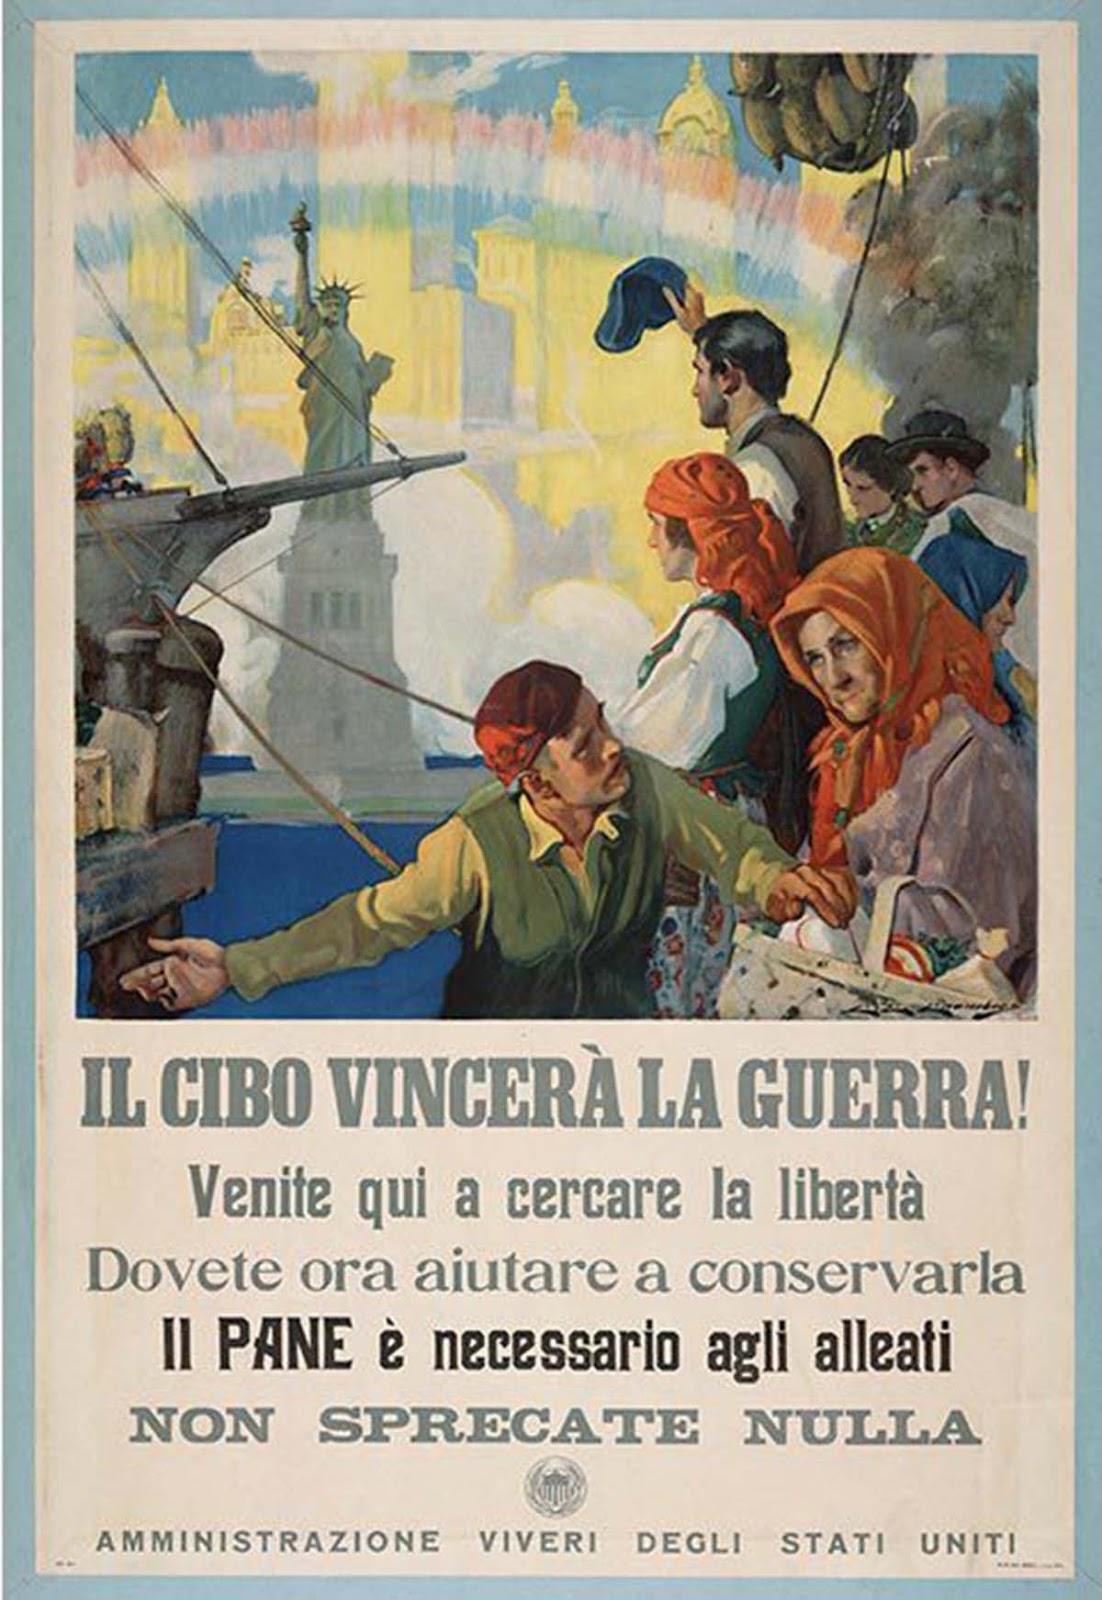 Il Cibo Vincerà la Guerra! (Food Will Win the War!), ca. 1917, Charles E. Chambers.